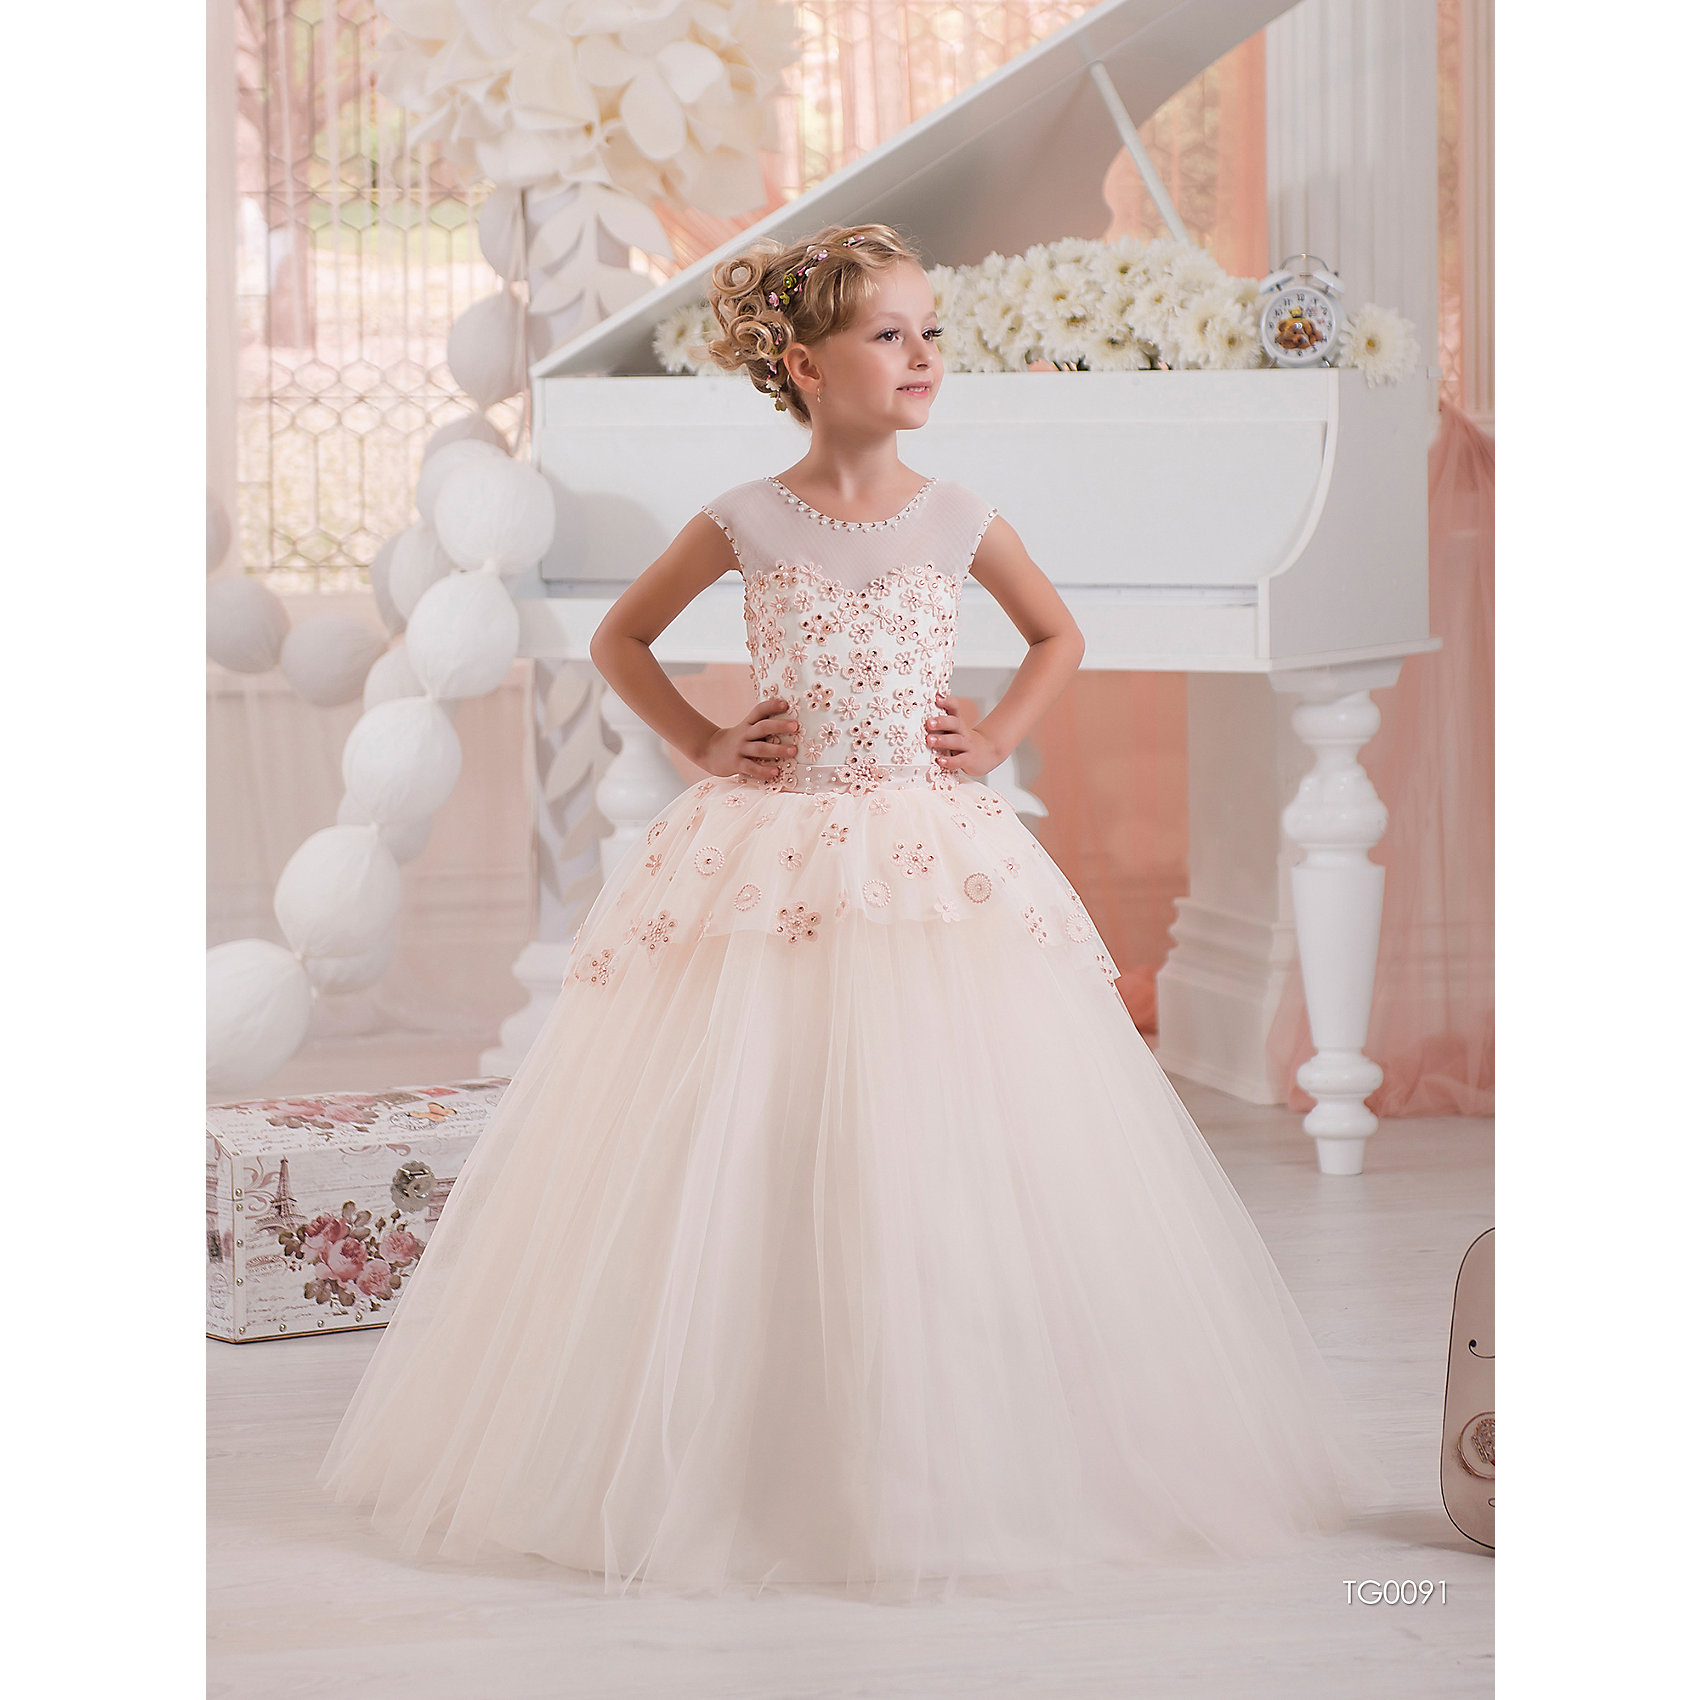 Платье нарядное ПрестижОдежда<br>Платье для девочки Престиж.<br><br>Характеристики:<br><br>• пышный силуэт<br>• без рукавов<br>• корсет<br>• состав: 100% полиэстер<br>• цвет: молочный<br><br>Платье для девочки Престиж имеет пышный силуэт. Светлый лиф платья с дополнением из кружева приятно сочетается с пышной юбкой и бантом-поясом. В этом платье девочка всегда будет в центре внимания!<br><br>Платье регулируется шнуровкой сзади, от талии до верха спинки. Шнуровка в комплекте.<br>Платье подходит для занятий бальными танцами.<br><br>Вы можете приобрести платье для девочки Престиж в нашем интернет-магазине.<br><br>Ширина мм: 236<br>Глубина мм: 16<br>Высота мм: 184<br>Вес г: 177<br>Цвет: белый<br>Возраст от месяцев: 108<br>Возраст до месяцев: 120<br>Пол: Женский<br>Возраст: Детский<br>Размер: 122,128<br>SKU: 5158420